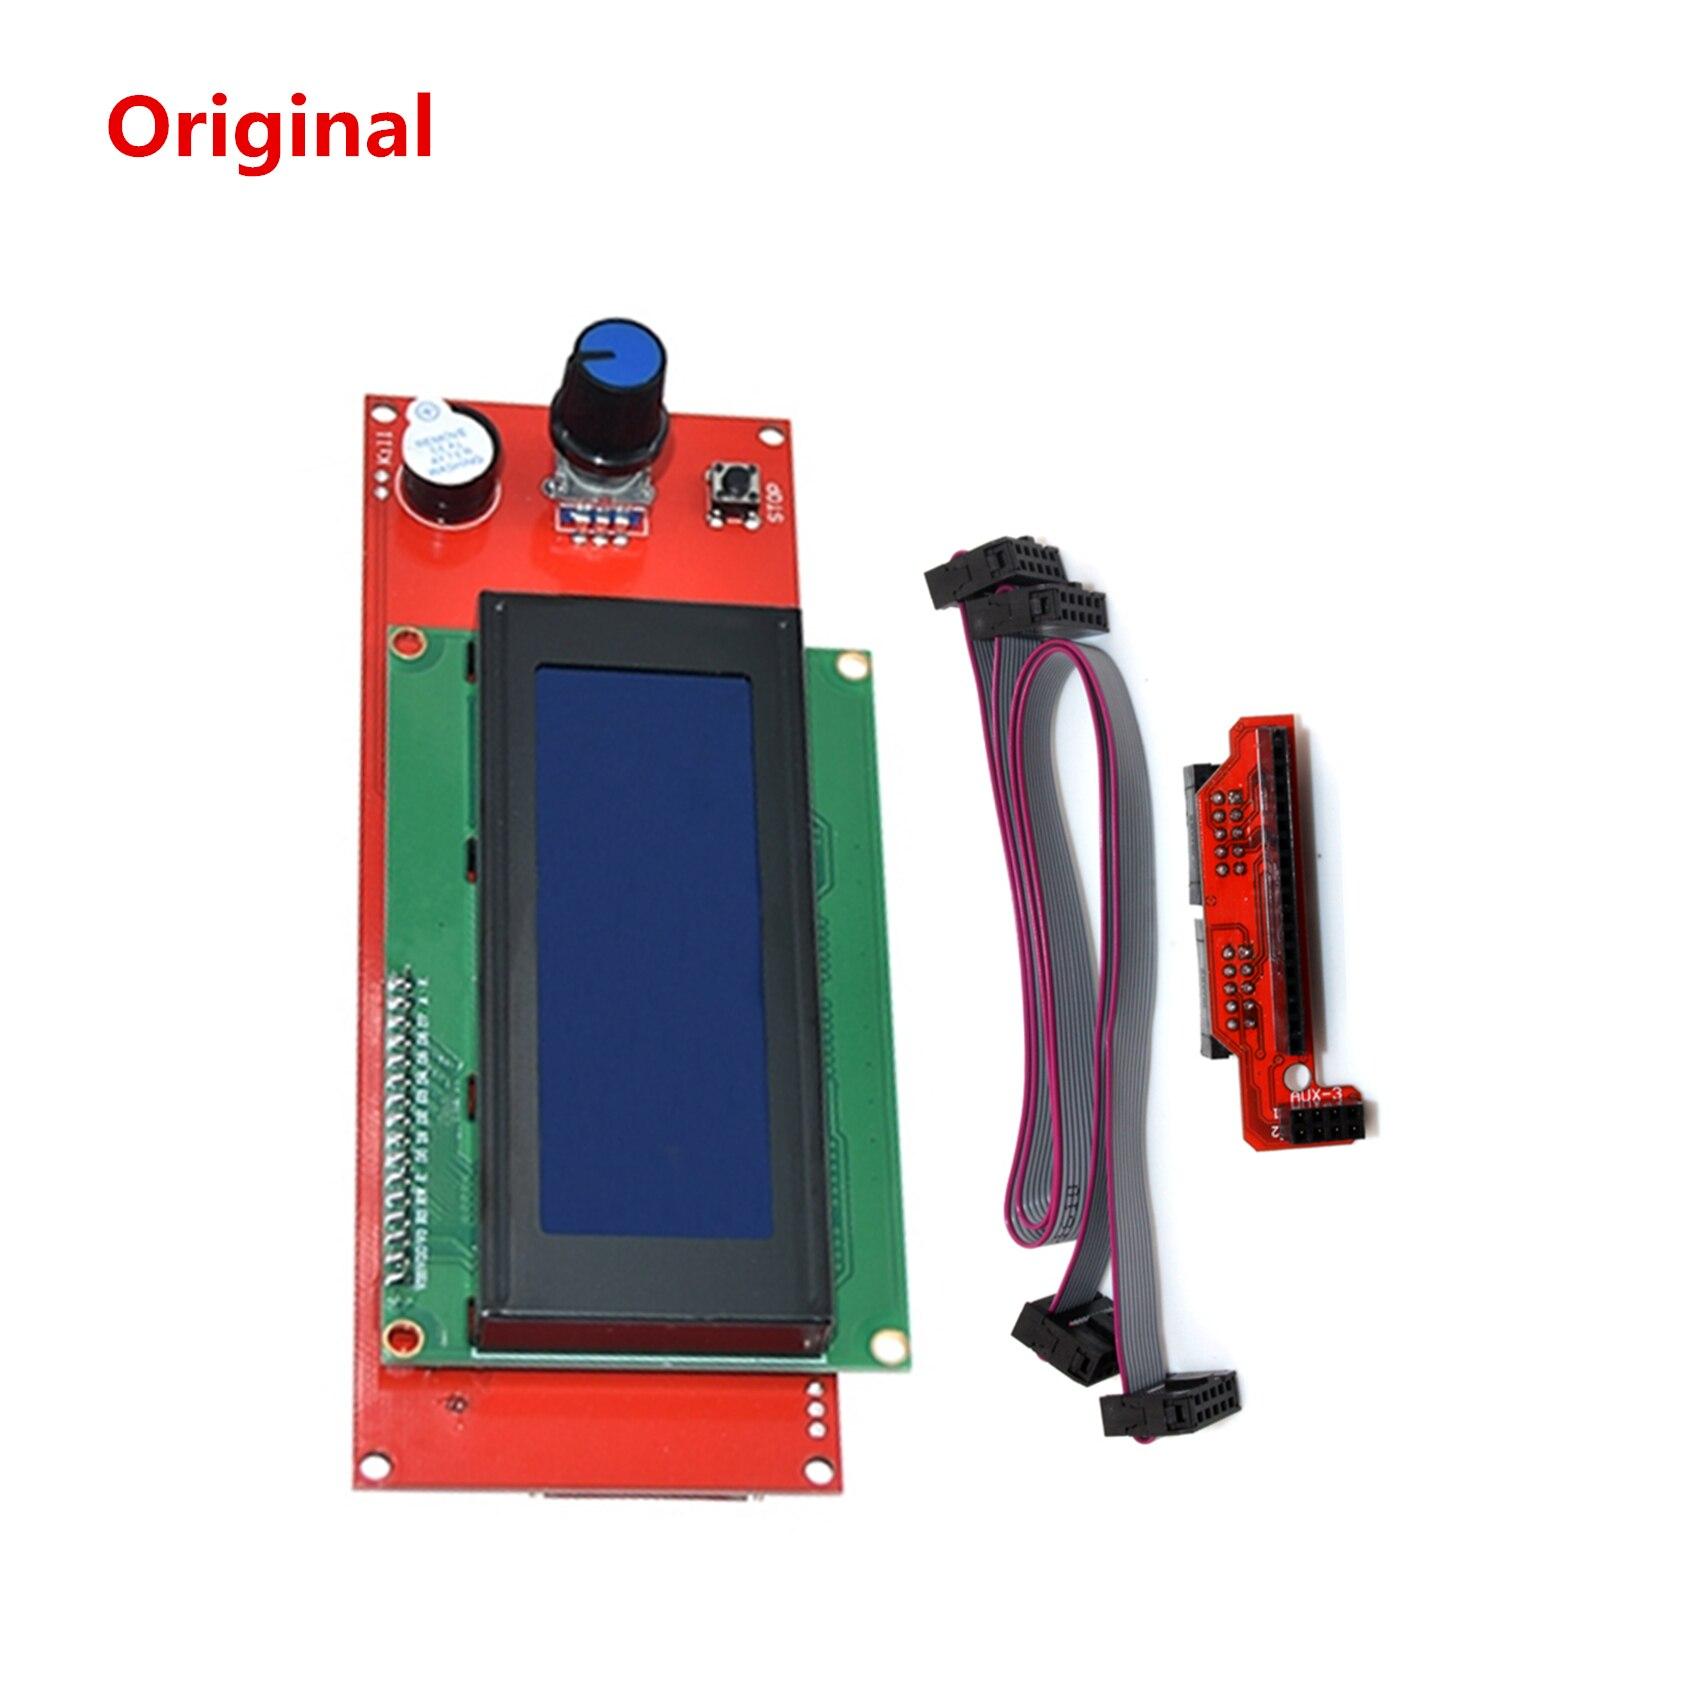 Büroelektronik Angemessen 3d Drucker Lcds Display Modul Original Lcd 2004 Bildschirm Rampen 1,4 Lcd Panel Lcd2004 Gute Kompatibilität/haltbarkeit/stabilität 100% Garantie